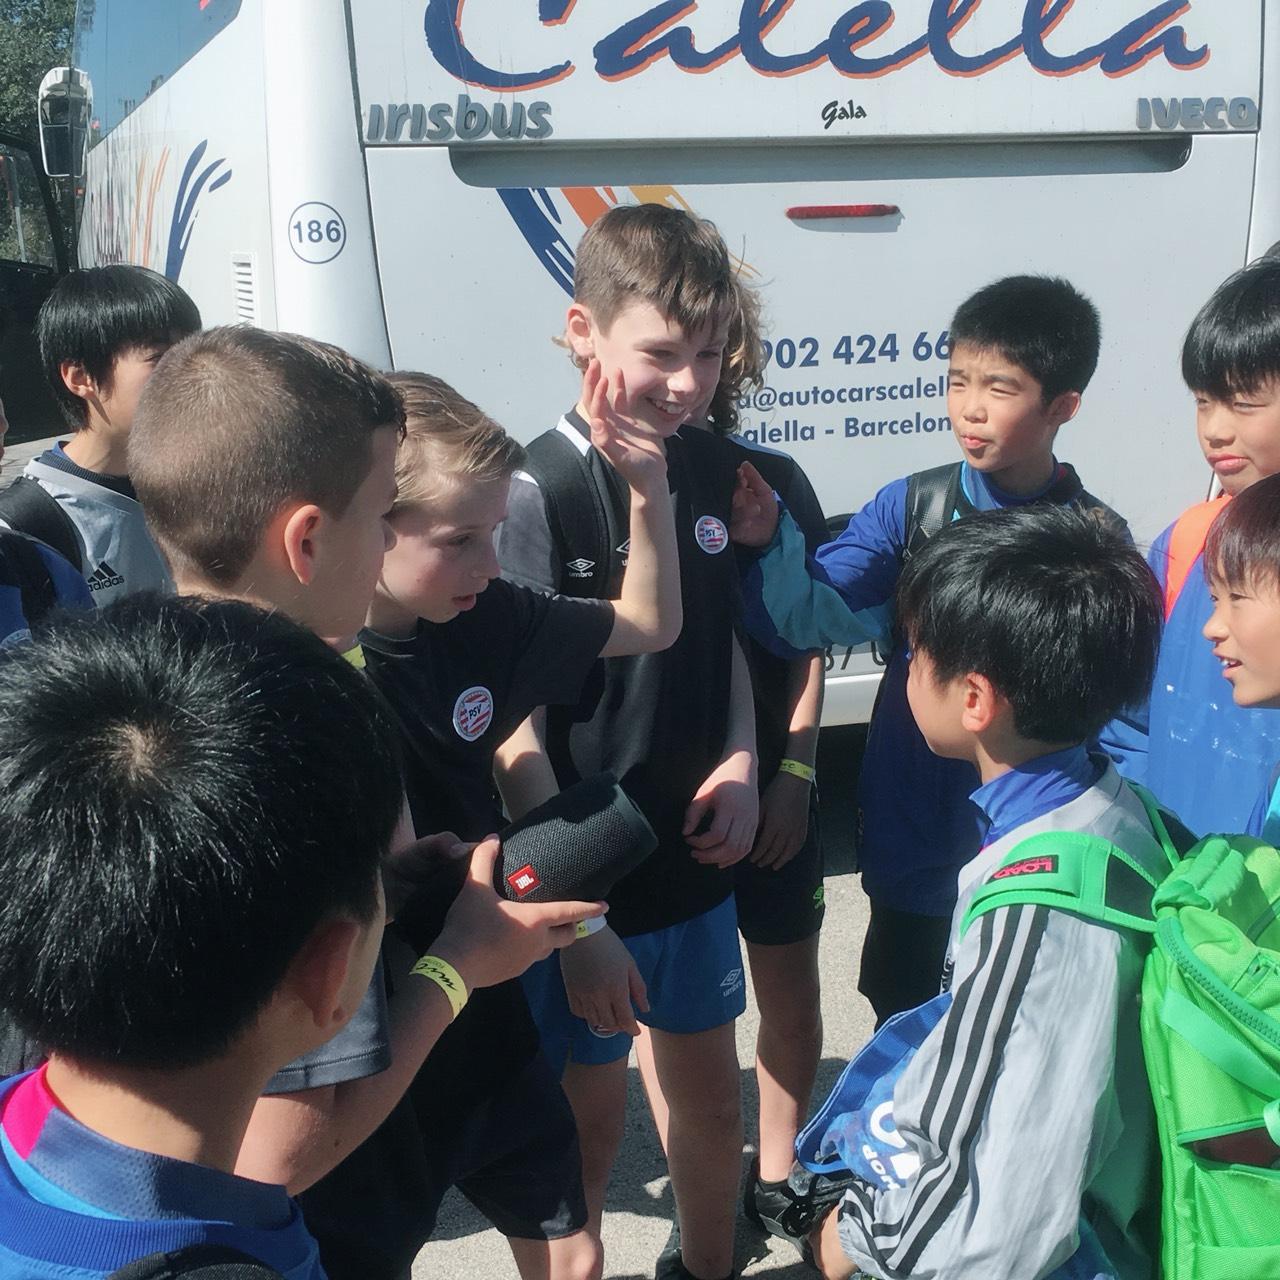 3/28(水)Alevin A(4-6年生混合チーム)国際大会初戦でオランダのプロクラブPSVのU12と対戦!